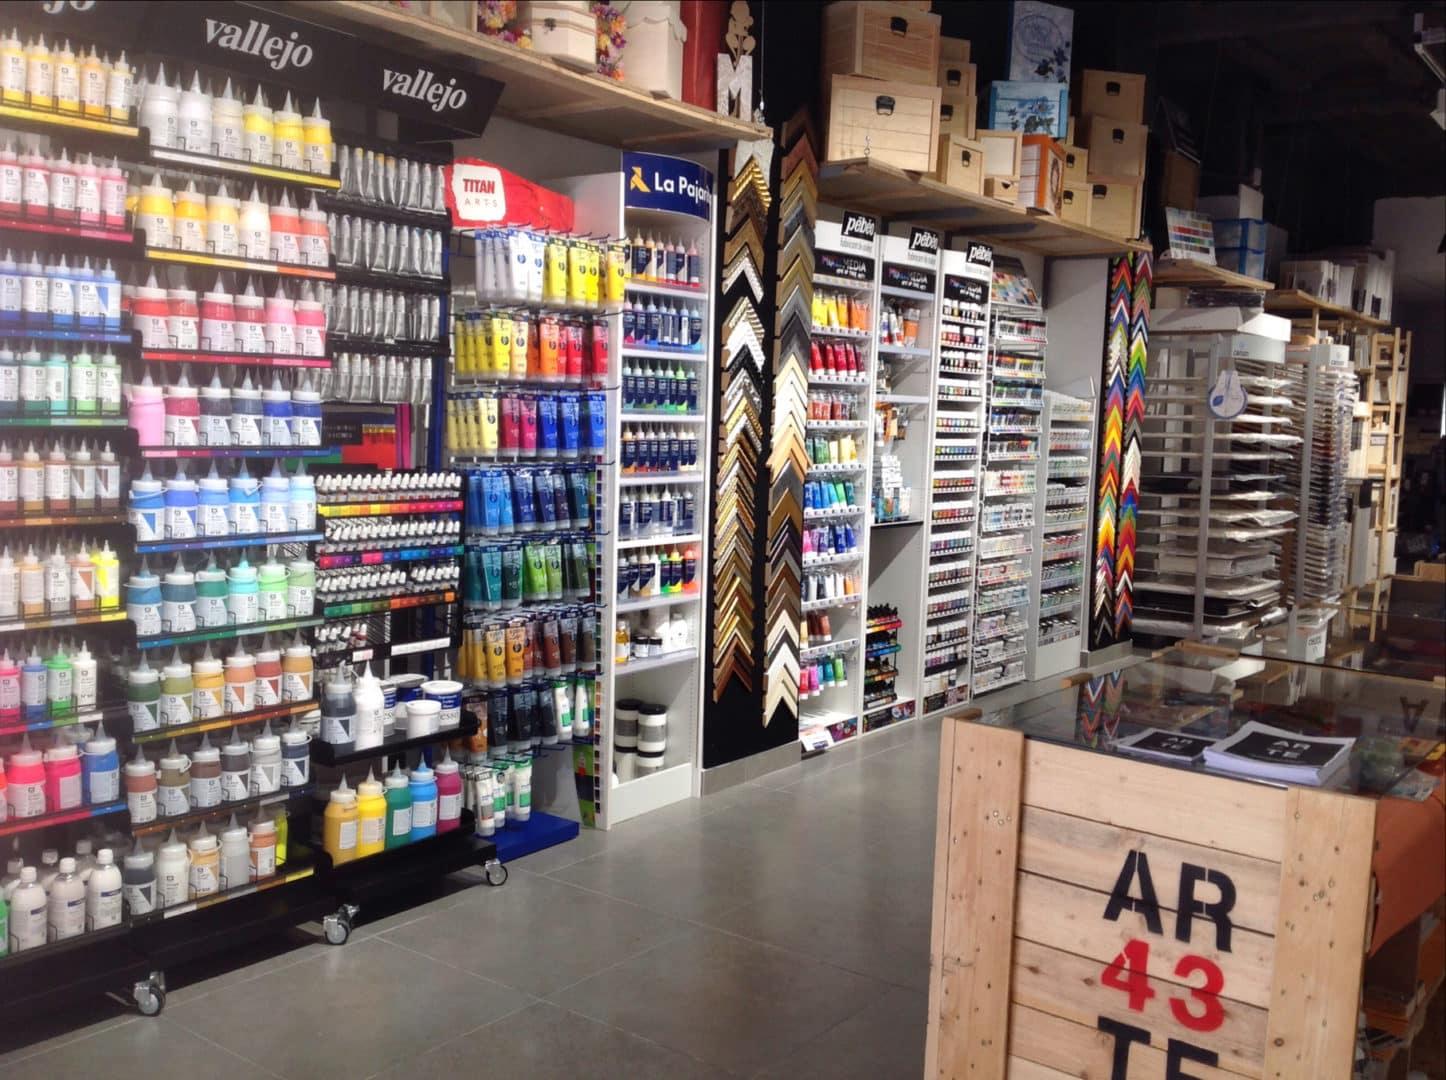 Arte 43 Tienda De Bellas Arte Y Manualidades En Valencia ~ Cursos De Manualidades En Valencia